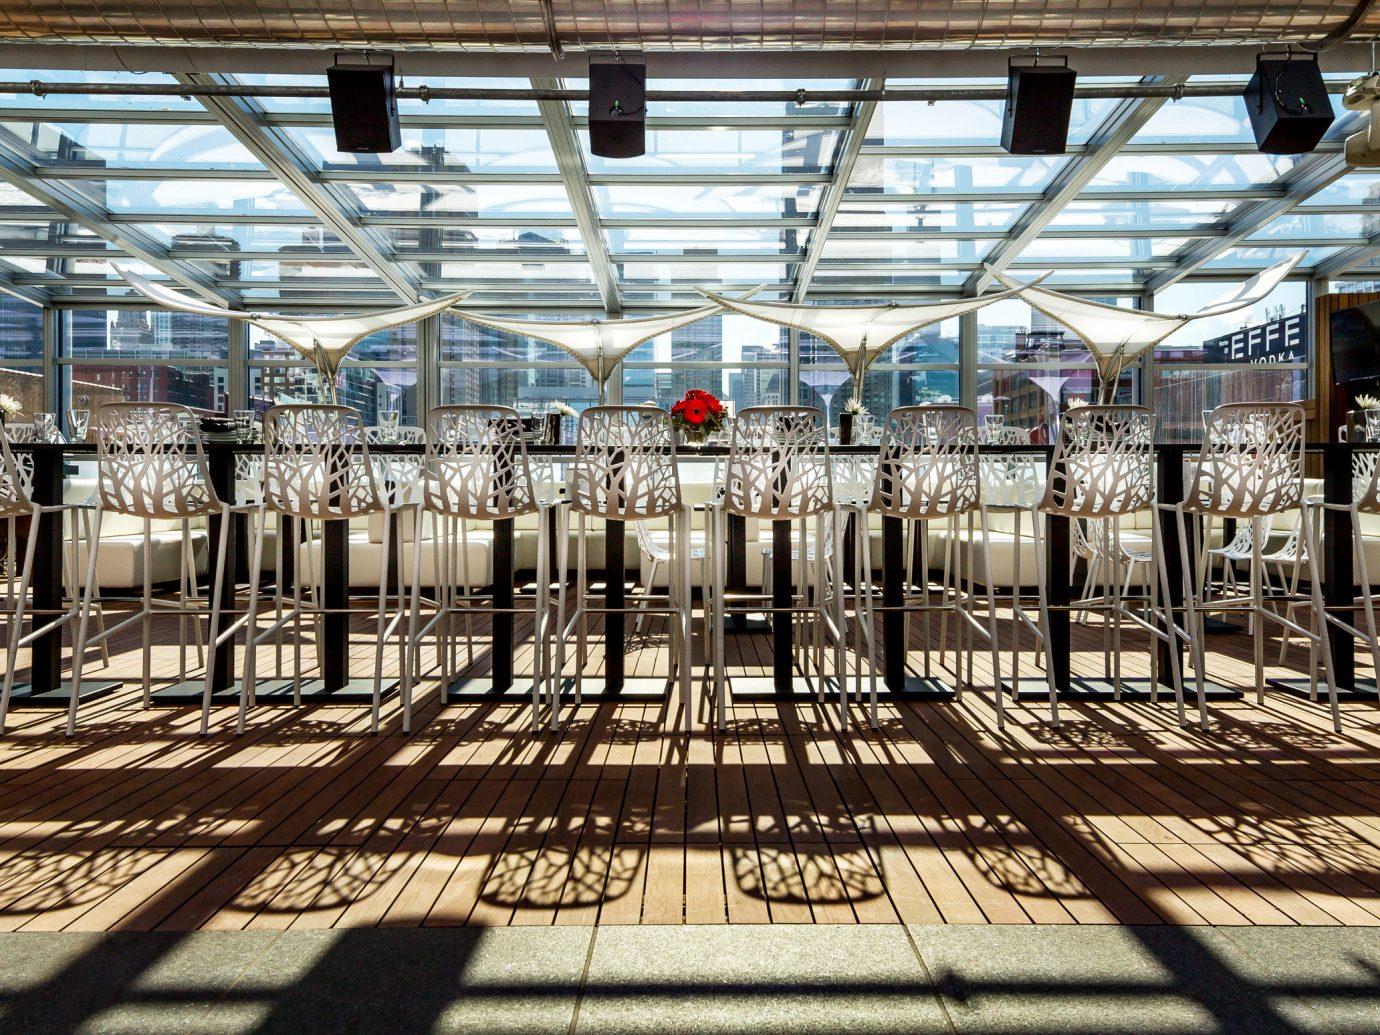 Food + Drink building indoor urban area aisle walkway outdoor structure area line